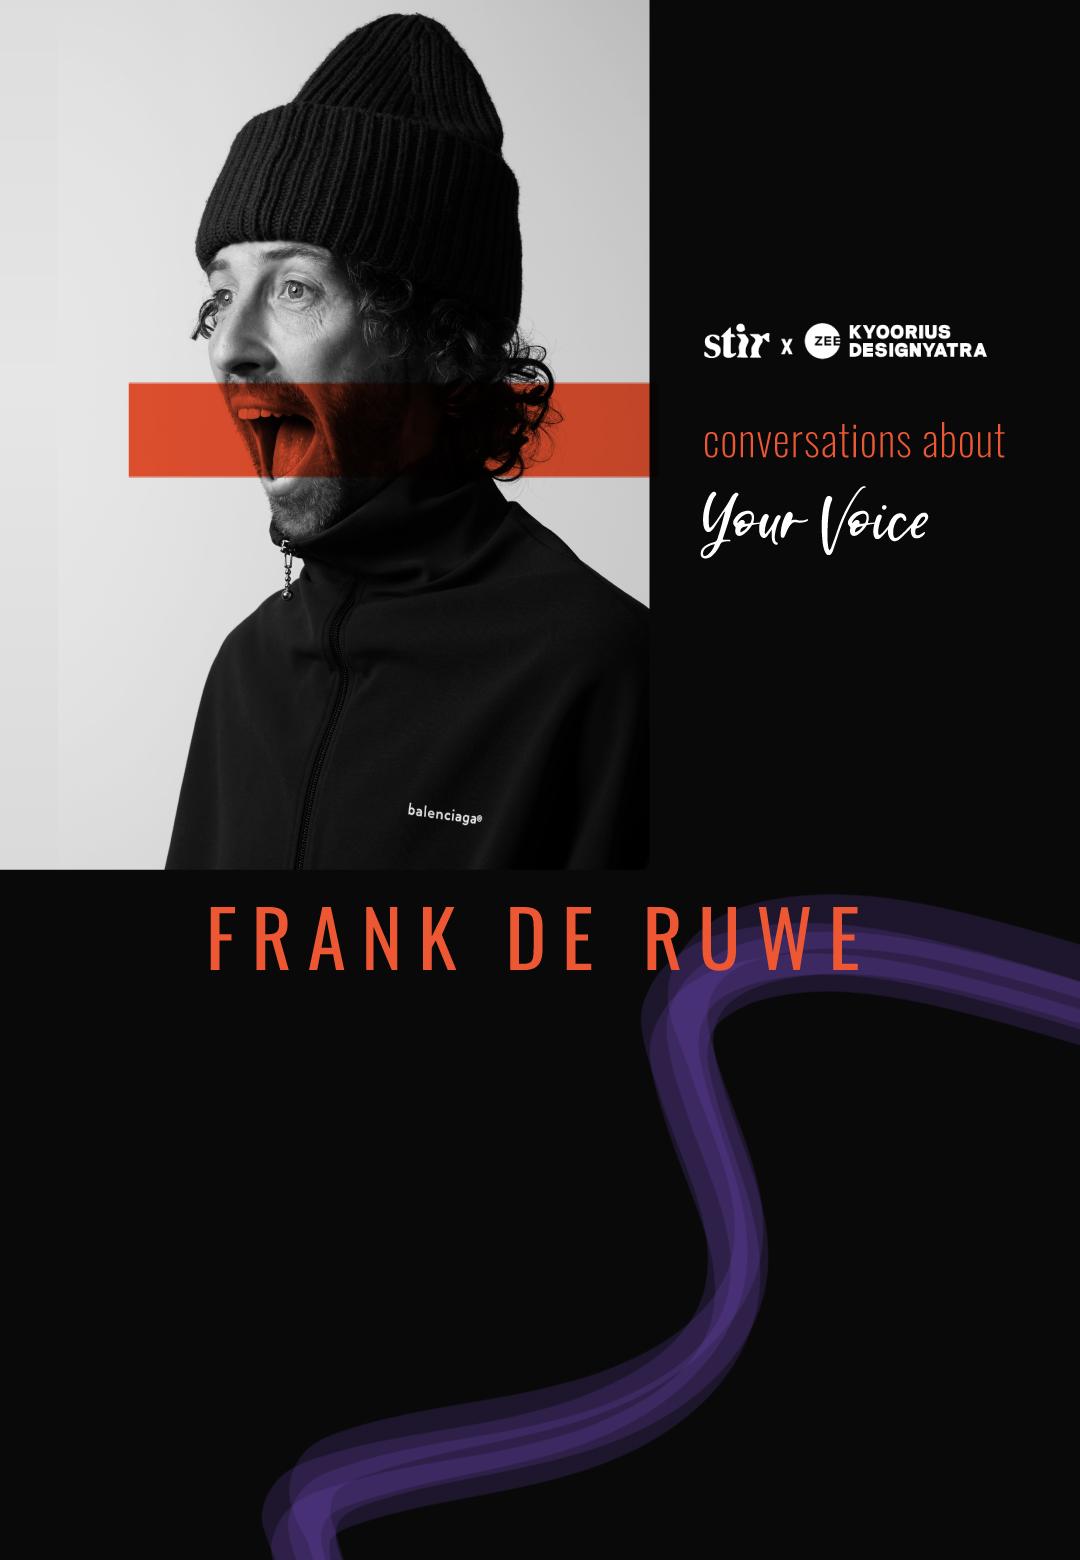 Frank de Ruwe in conversation with STIR | Conversations About Your Voice | STIR X Kyoorius Designyatra 2020 | STIRworld